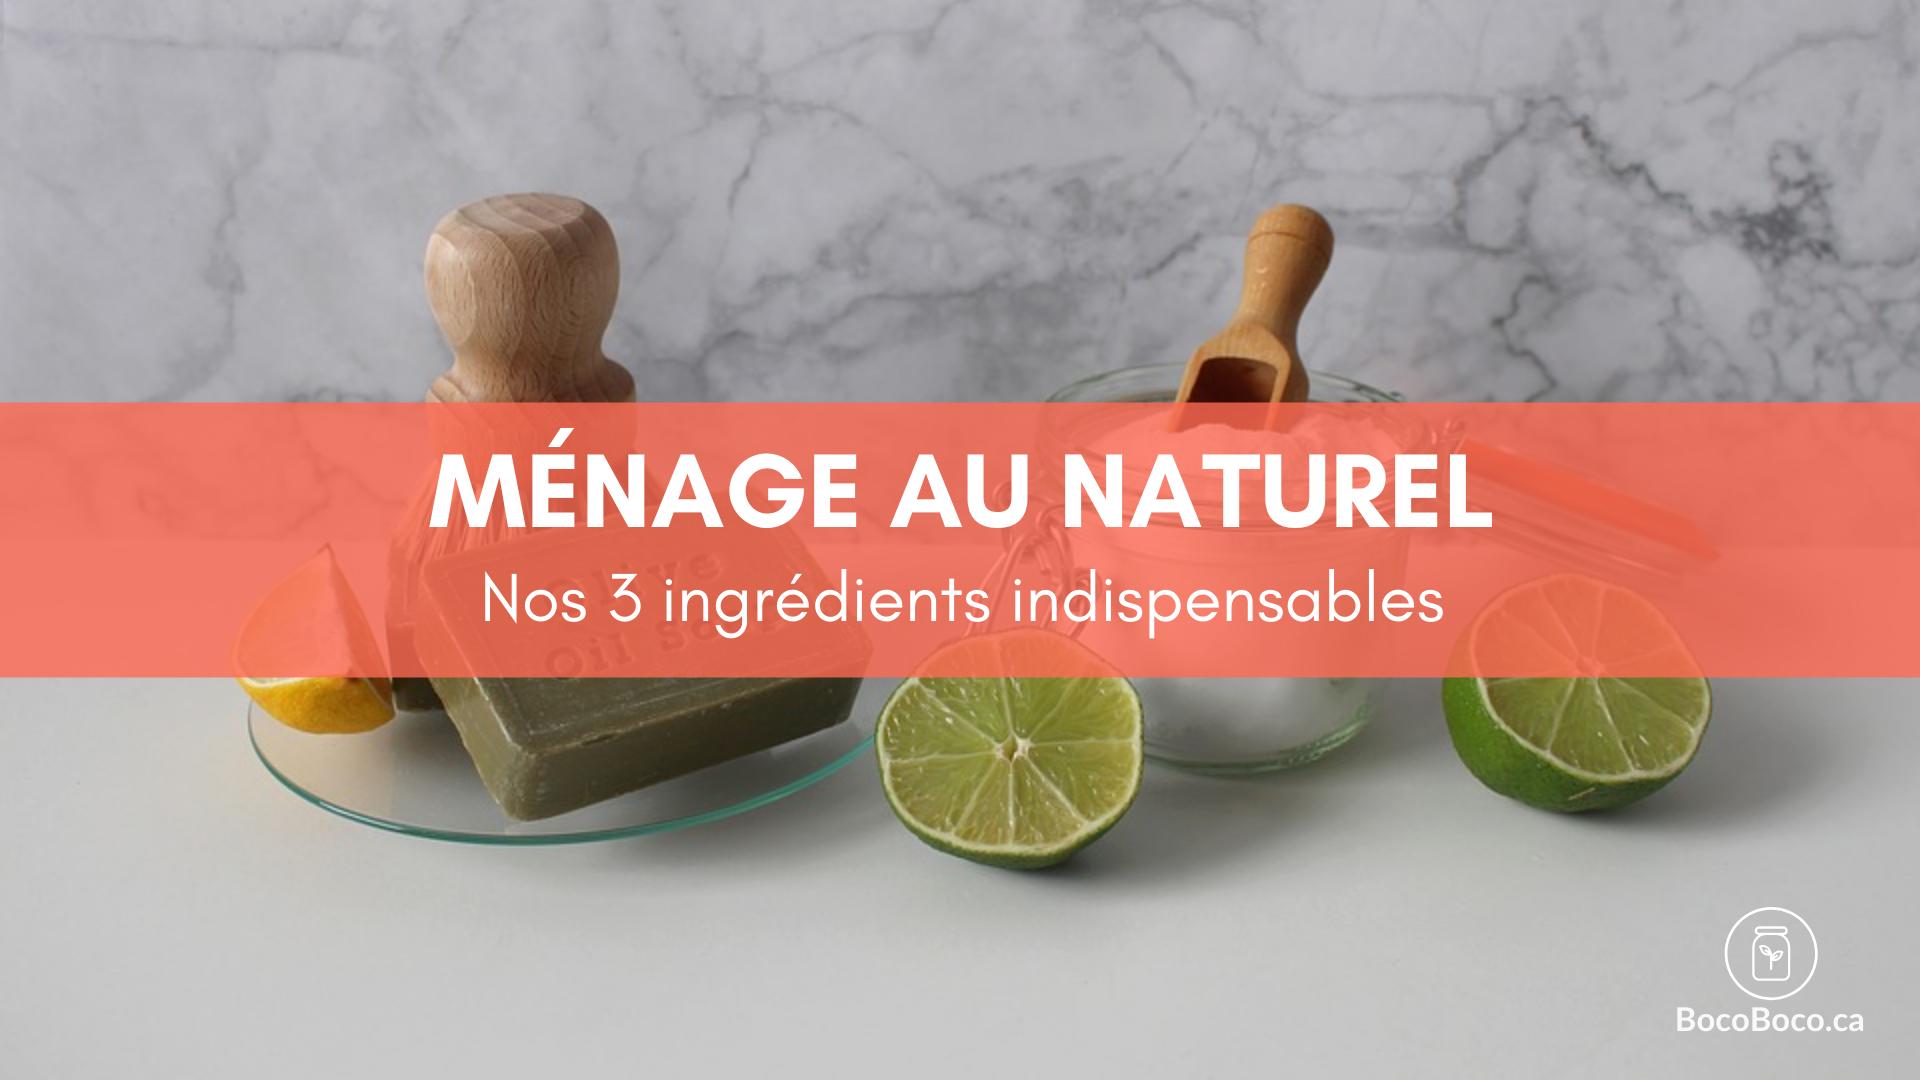 3 ingrédients indispensables pour une routine ménage naturelle et minimaliste